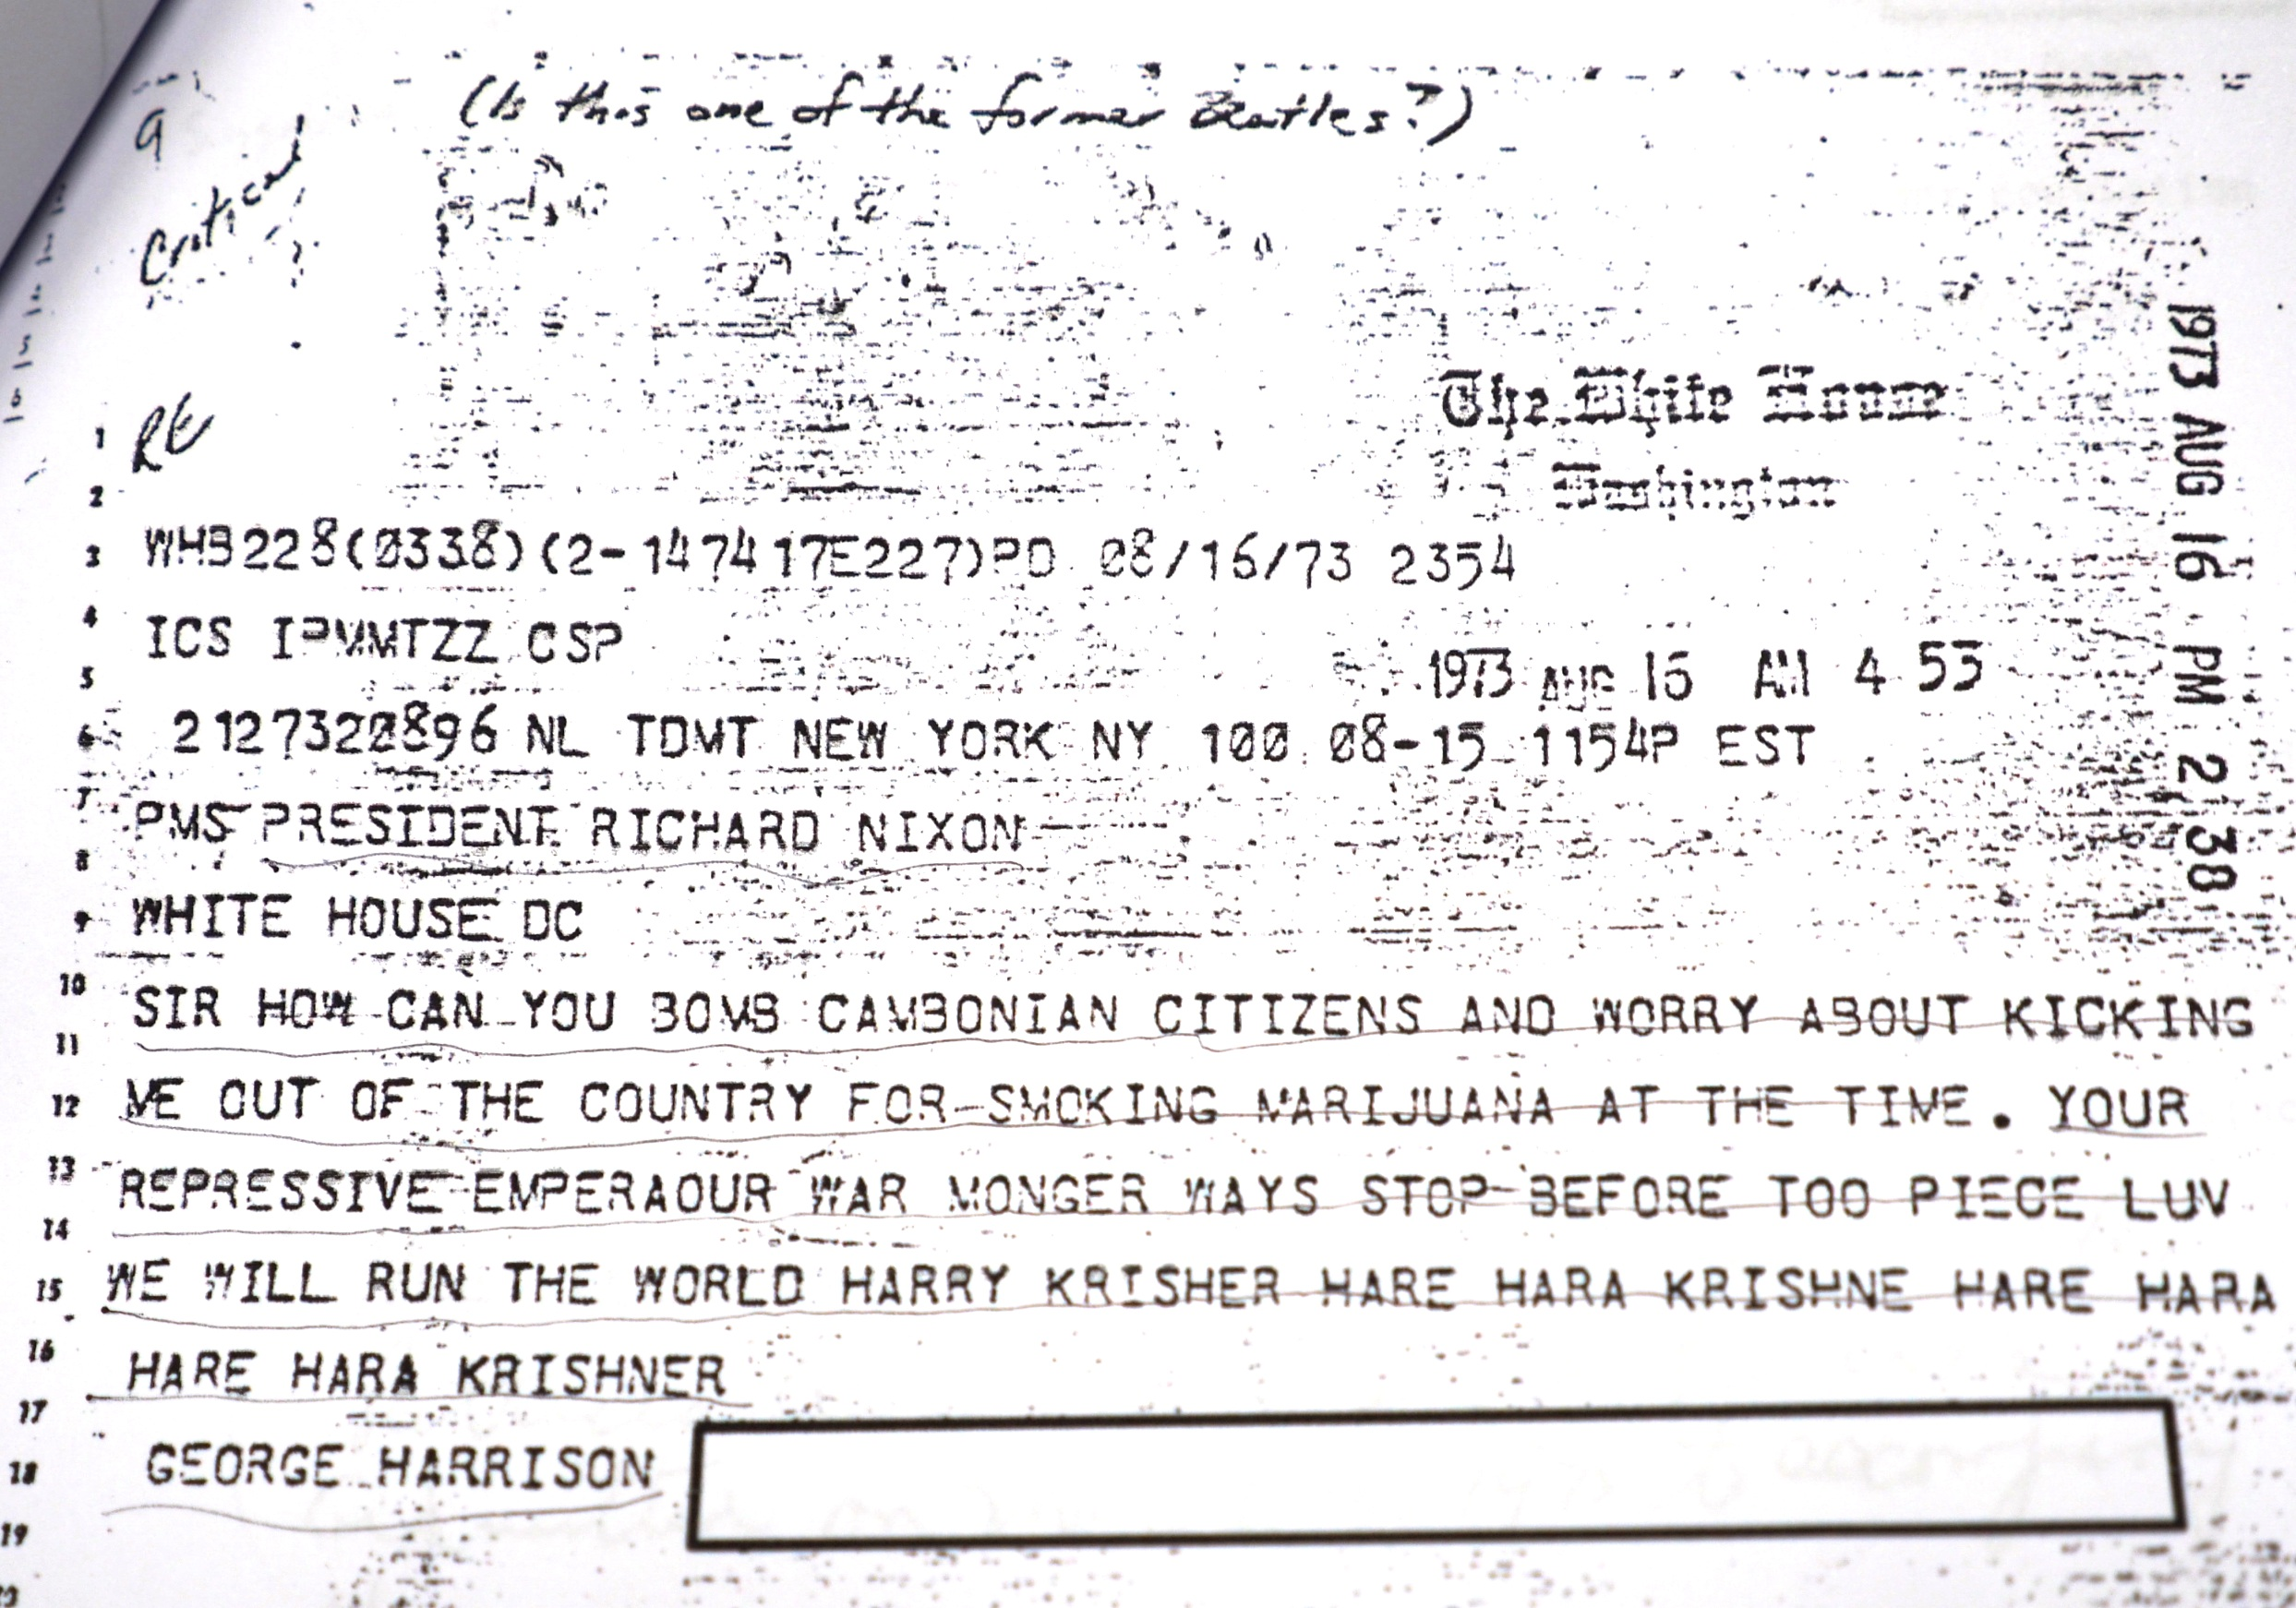 ジョージ・ハリスンがニクソン大統領に宛てて打った1973年8月16日付けの電報。